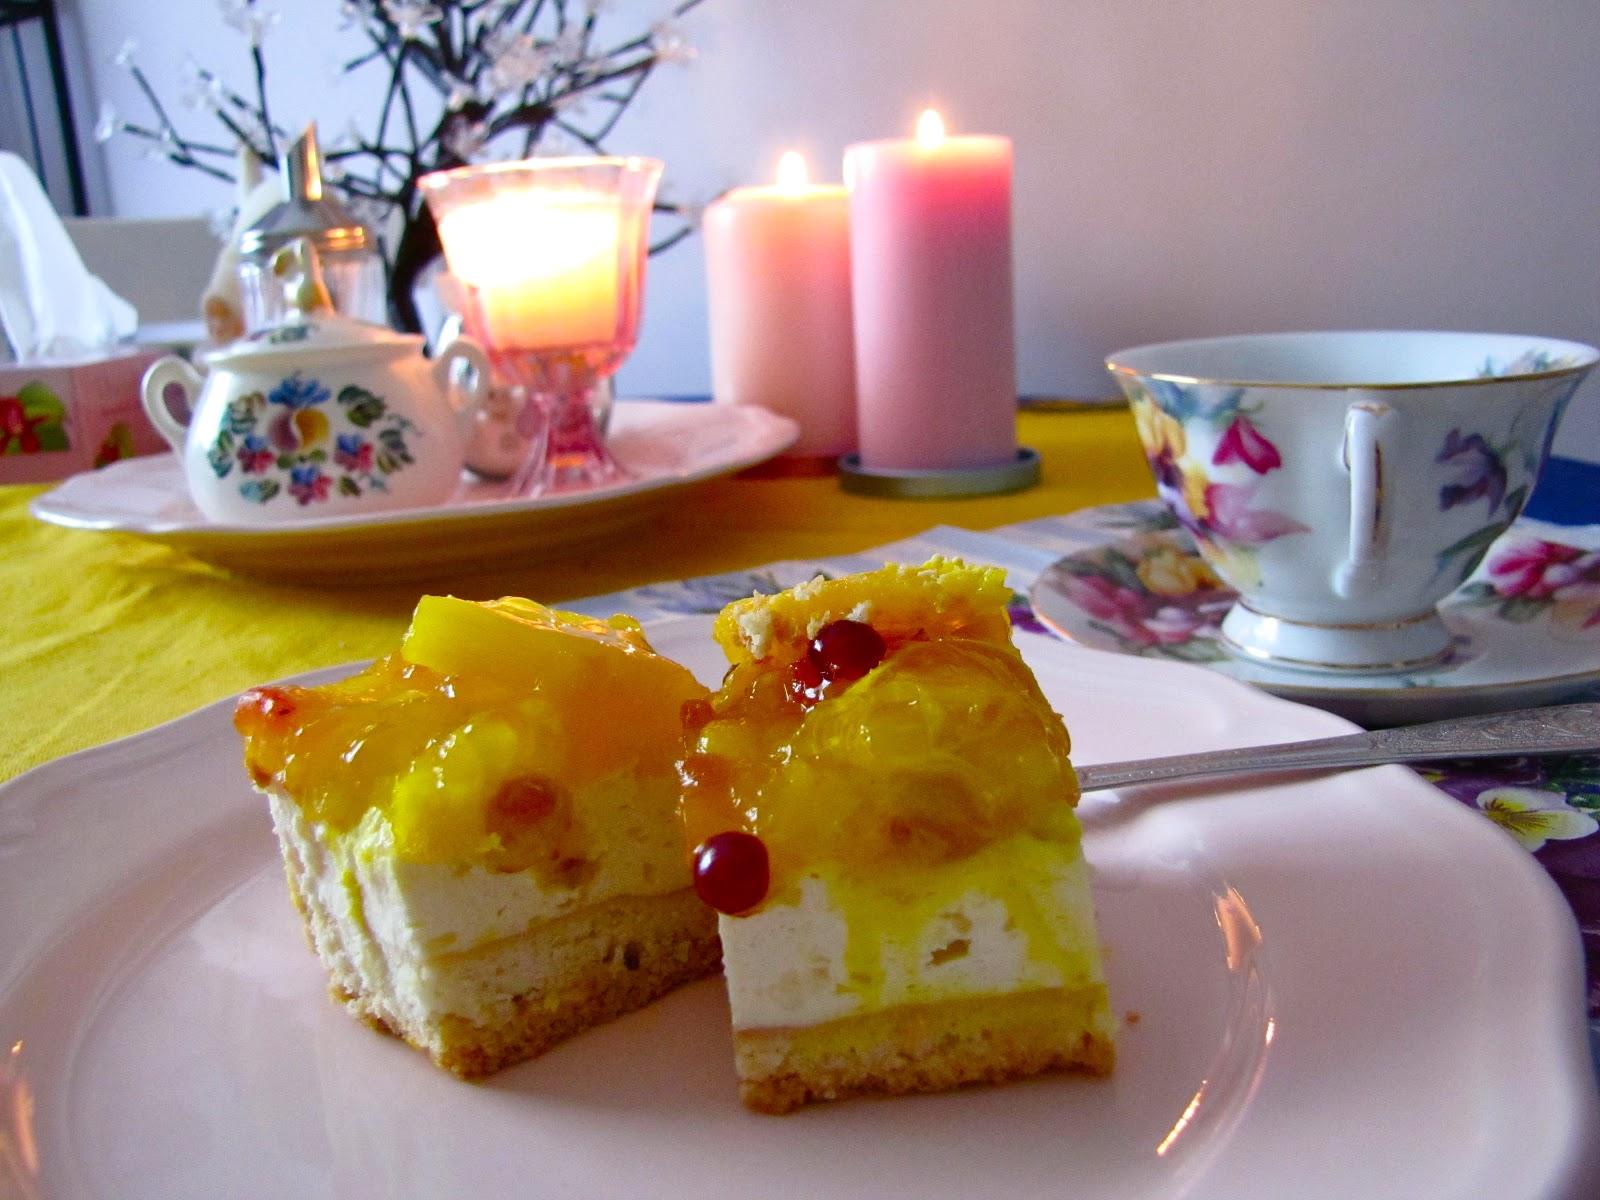 Фото кофе с пироженкой